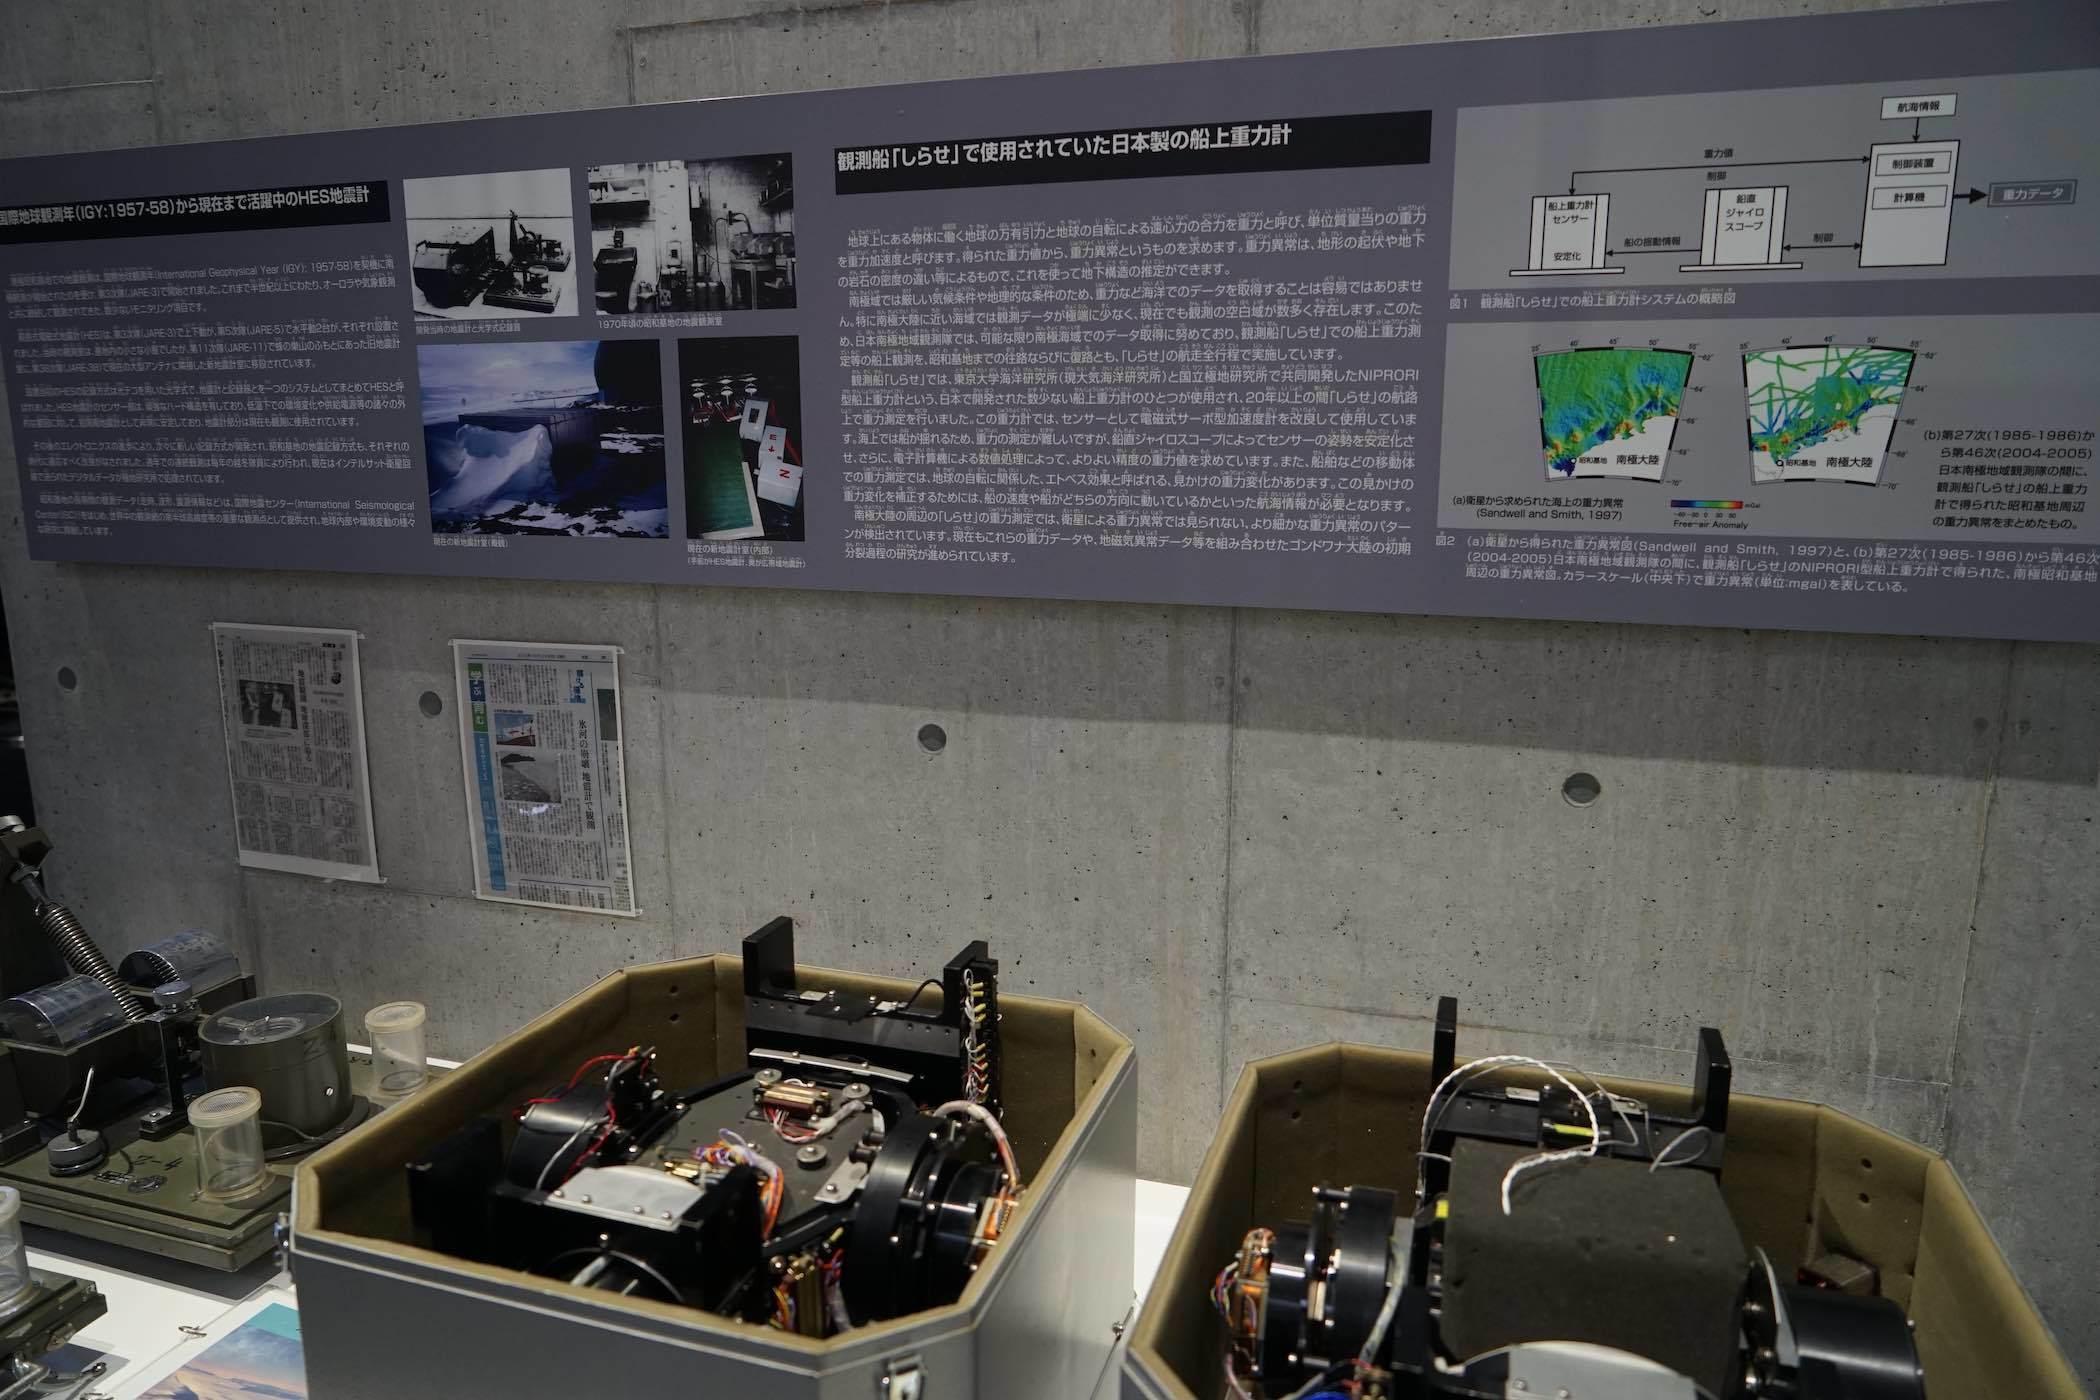 国立極地研究所 7_b0360240_17412212.jpg